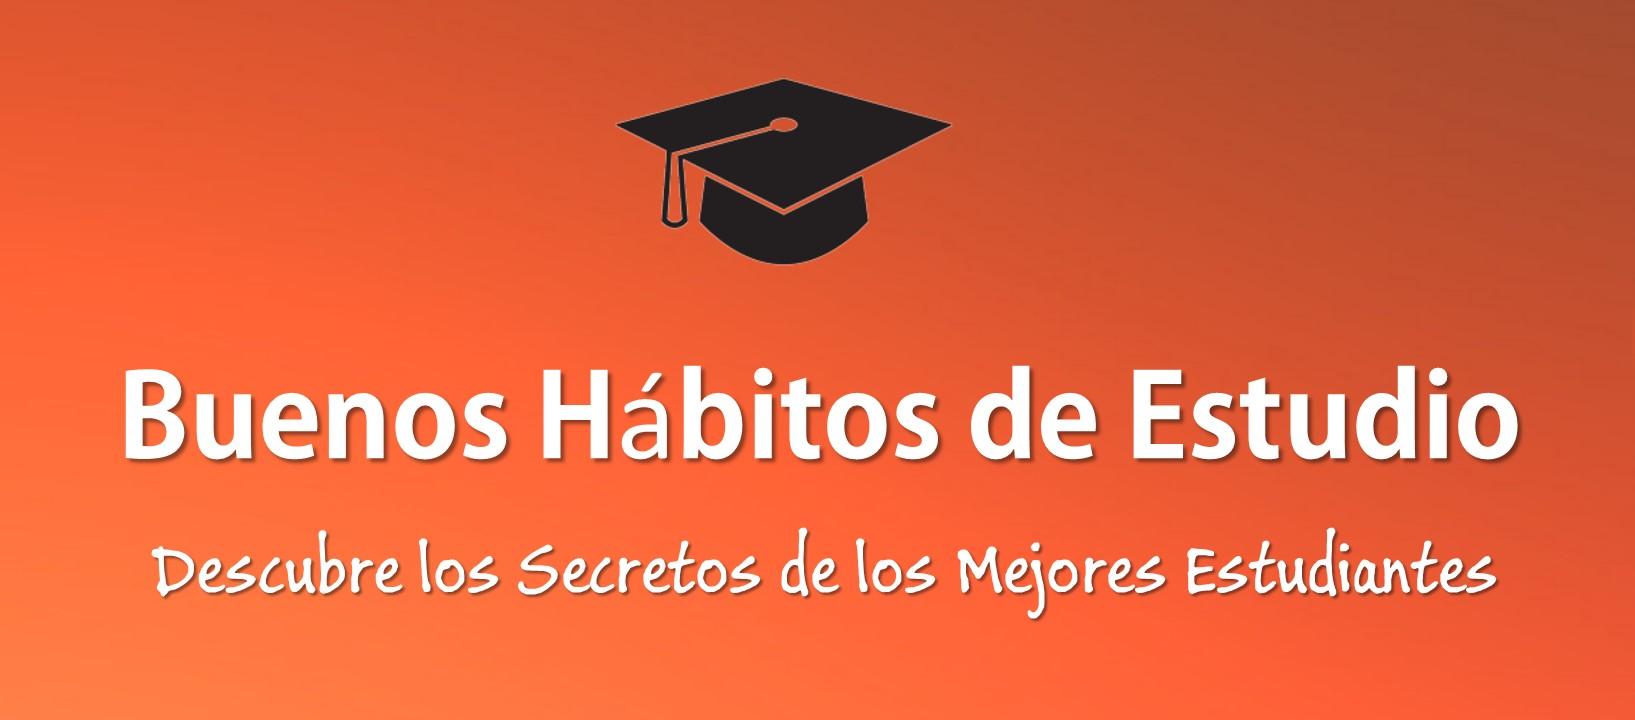 10 Hábitos De Estudio Usados Por Los Estudiantes Más